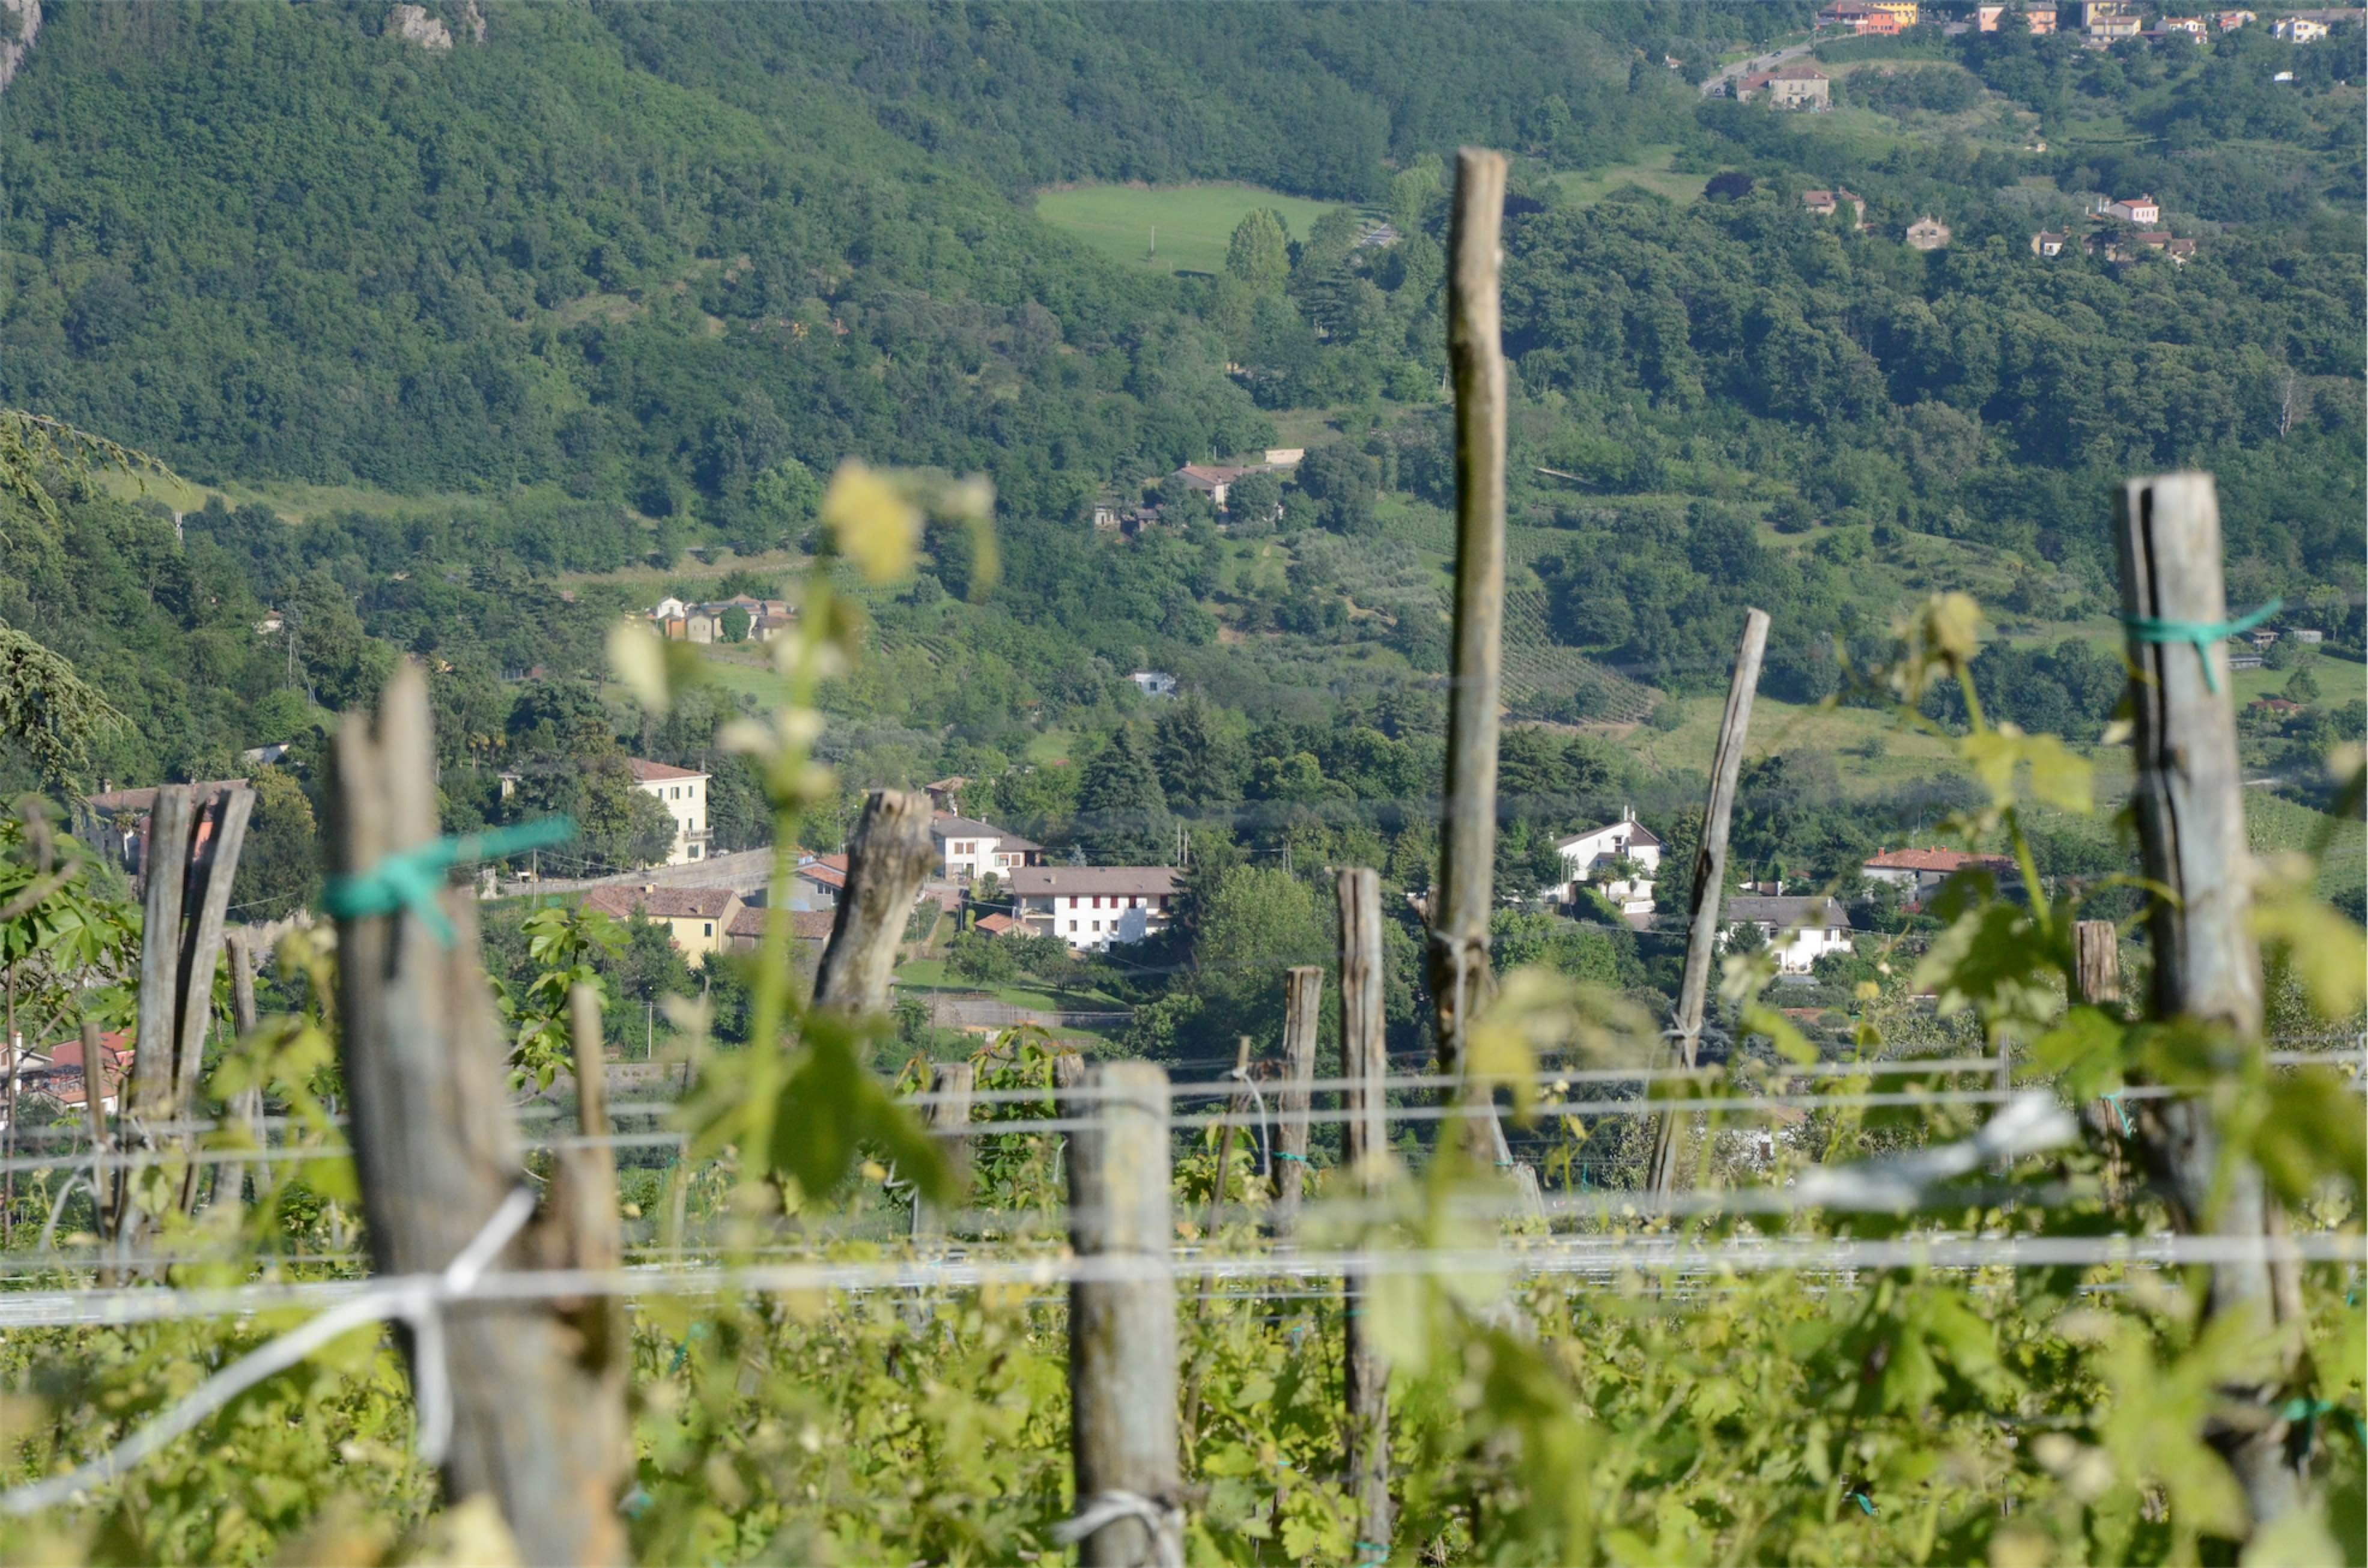 Krajobraz Colli Euganei w regionie Veneto w północnych Włoszech, winnice wśród wzgórz